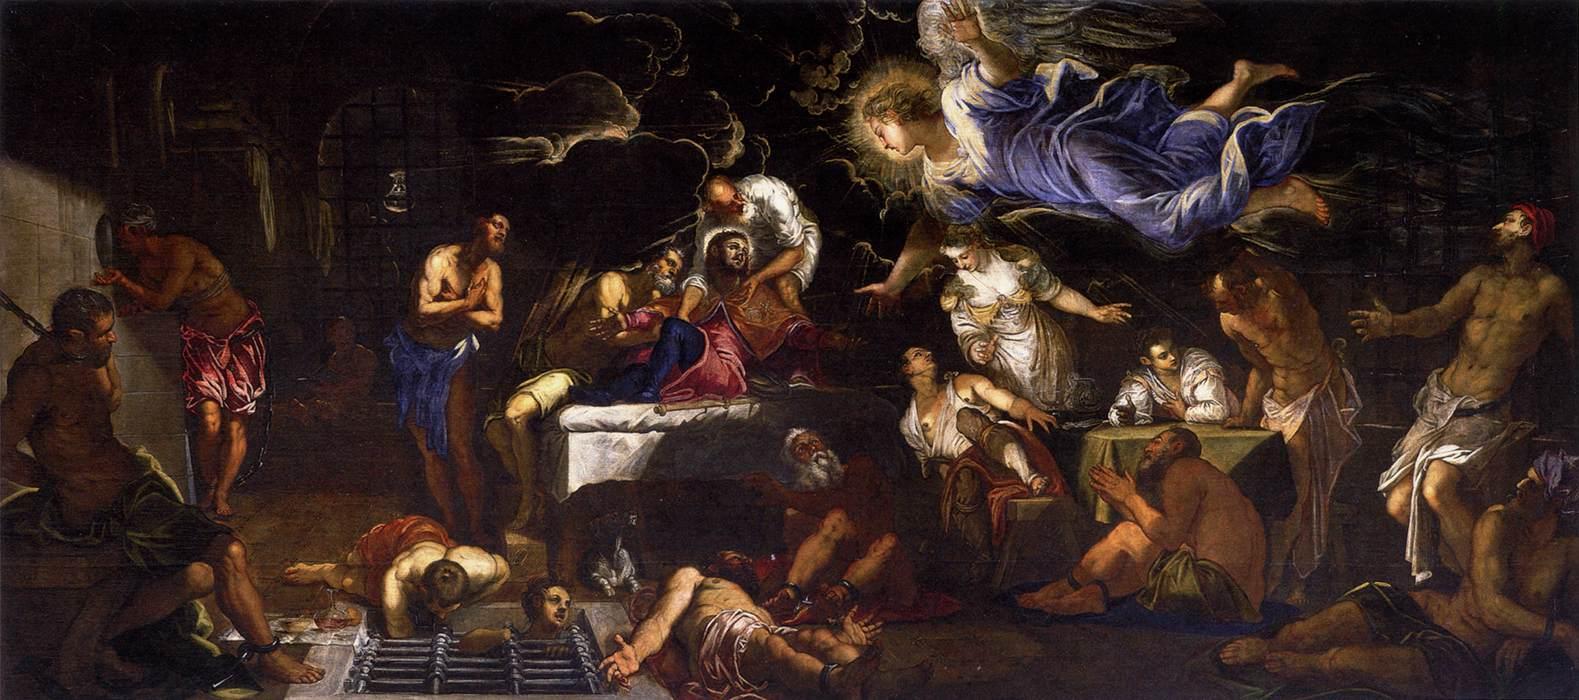 Lòng từ bi không sợ hãi trong đại dịch qua chuyện Thánh Roch - 3